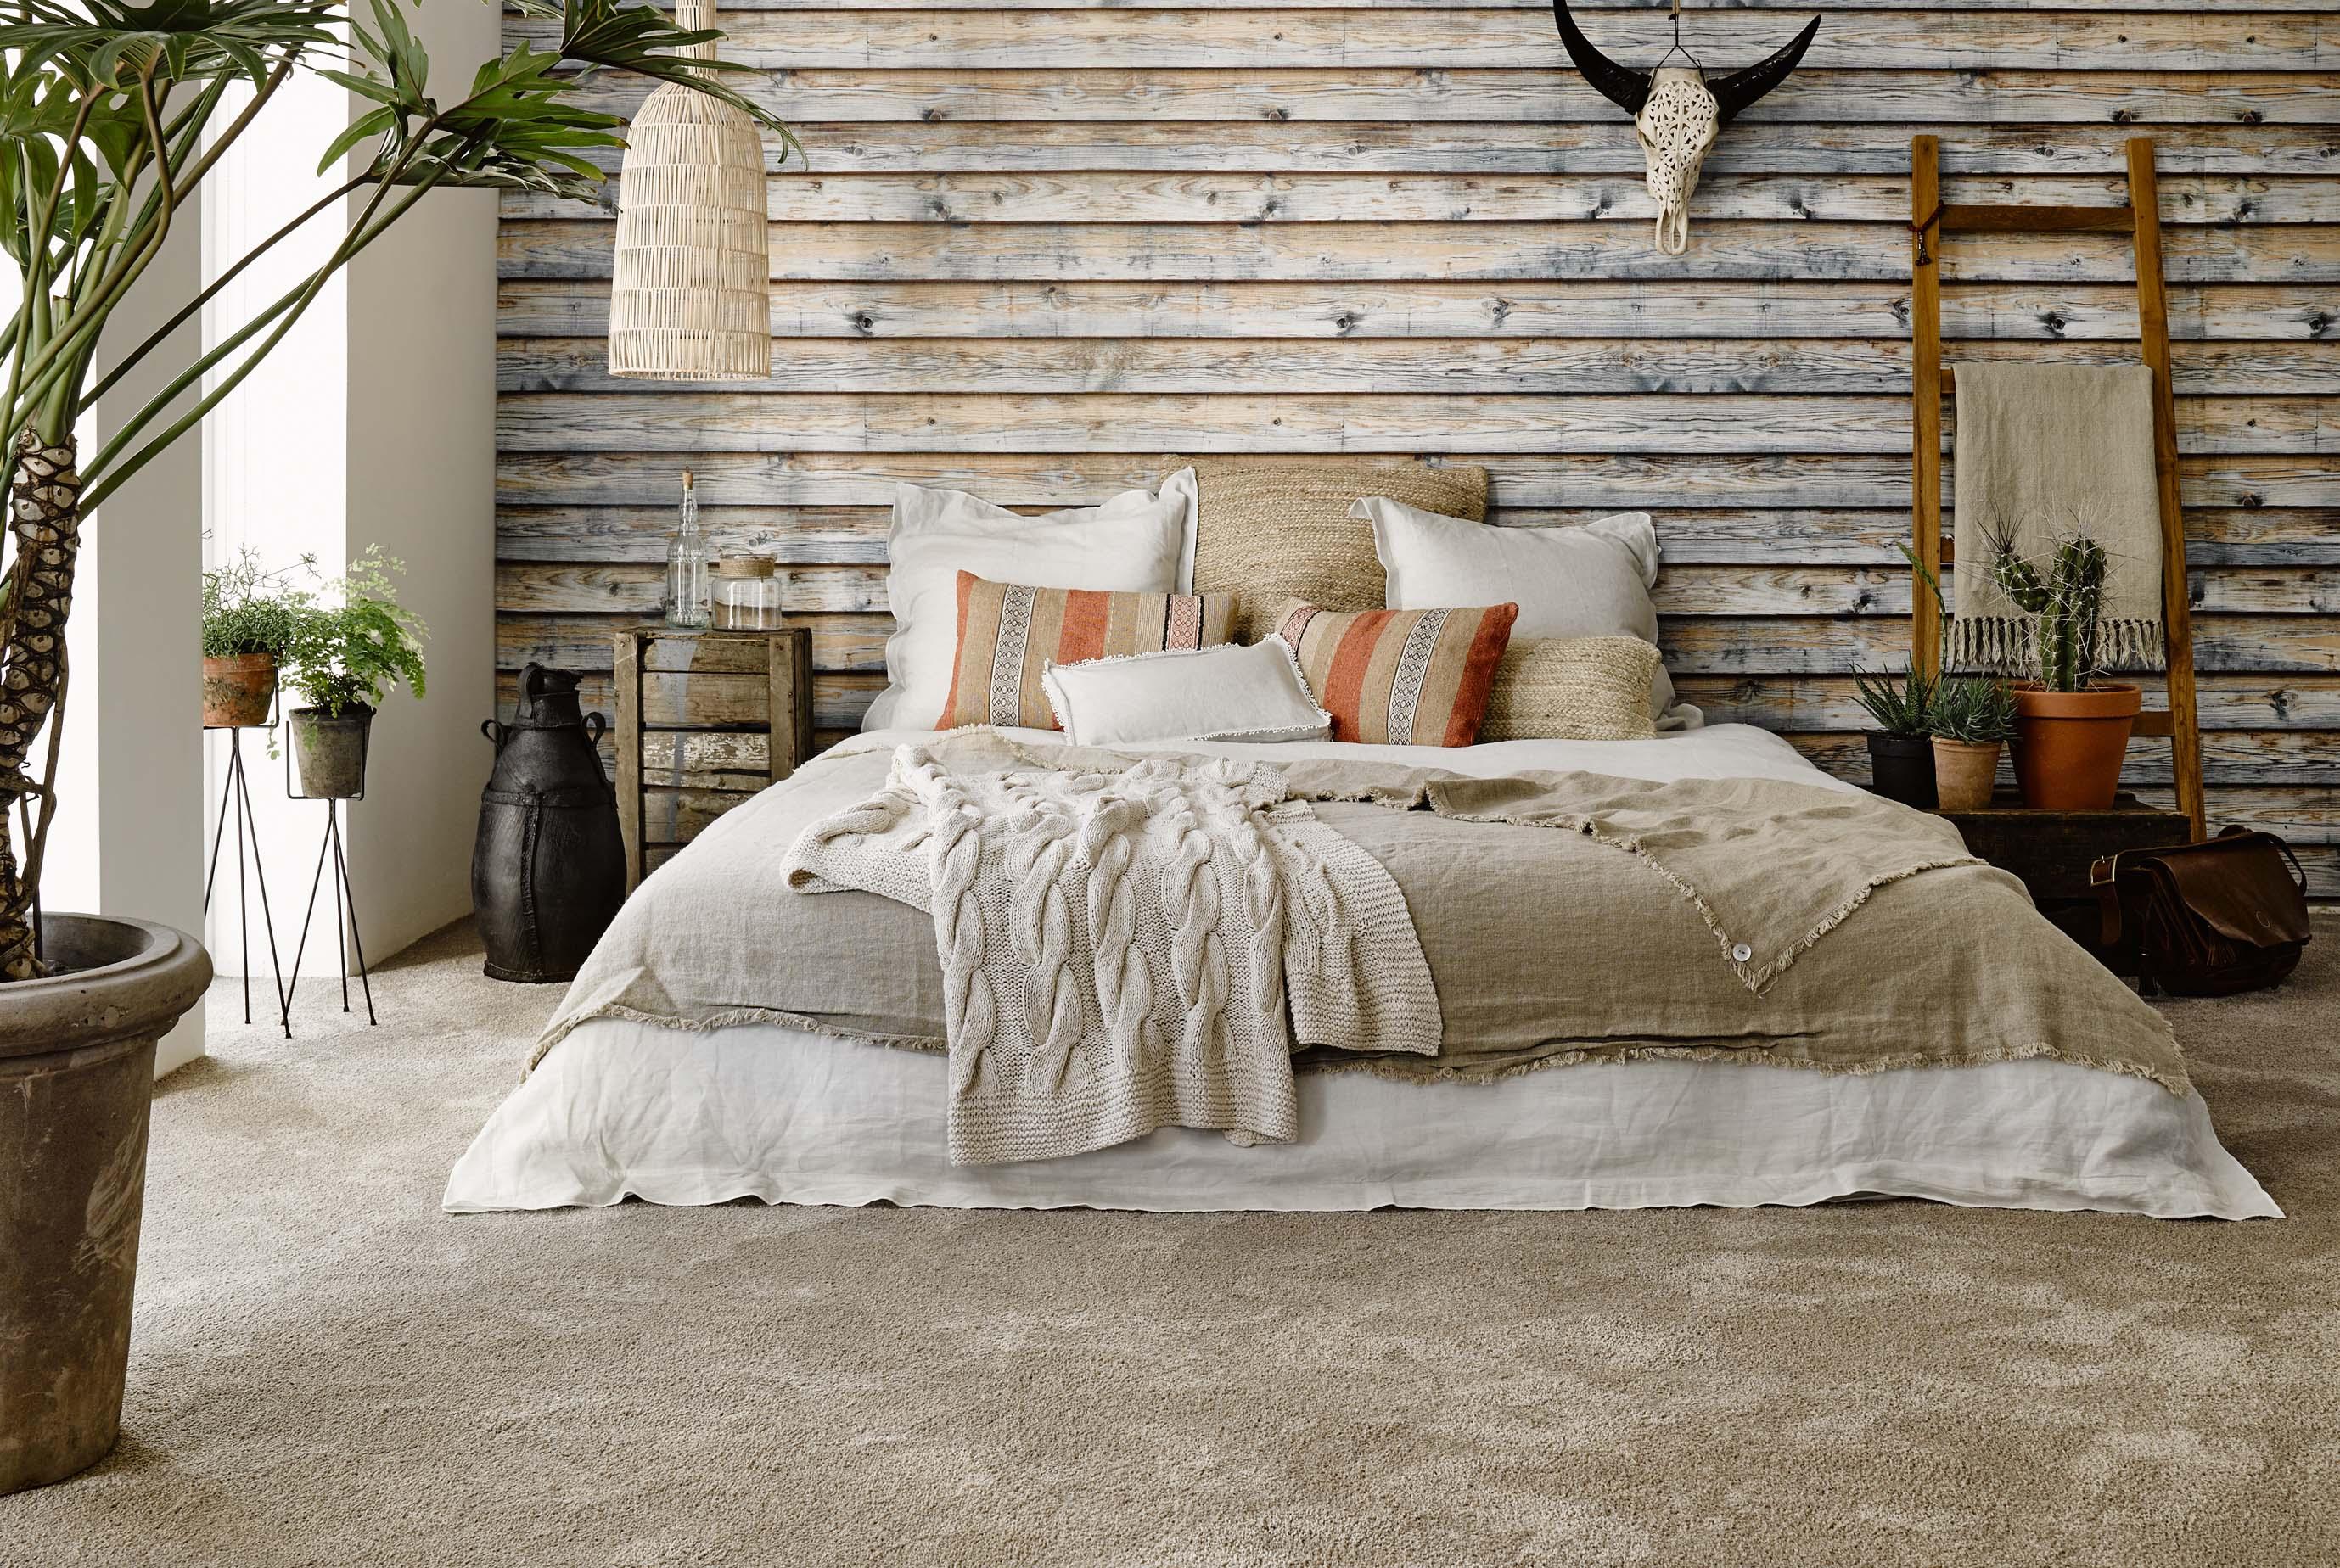 Slaapkamer vloerbedekking of laminaat? - THOMAS GASPERSZ